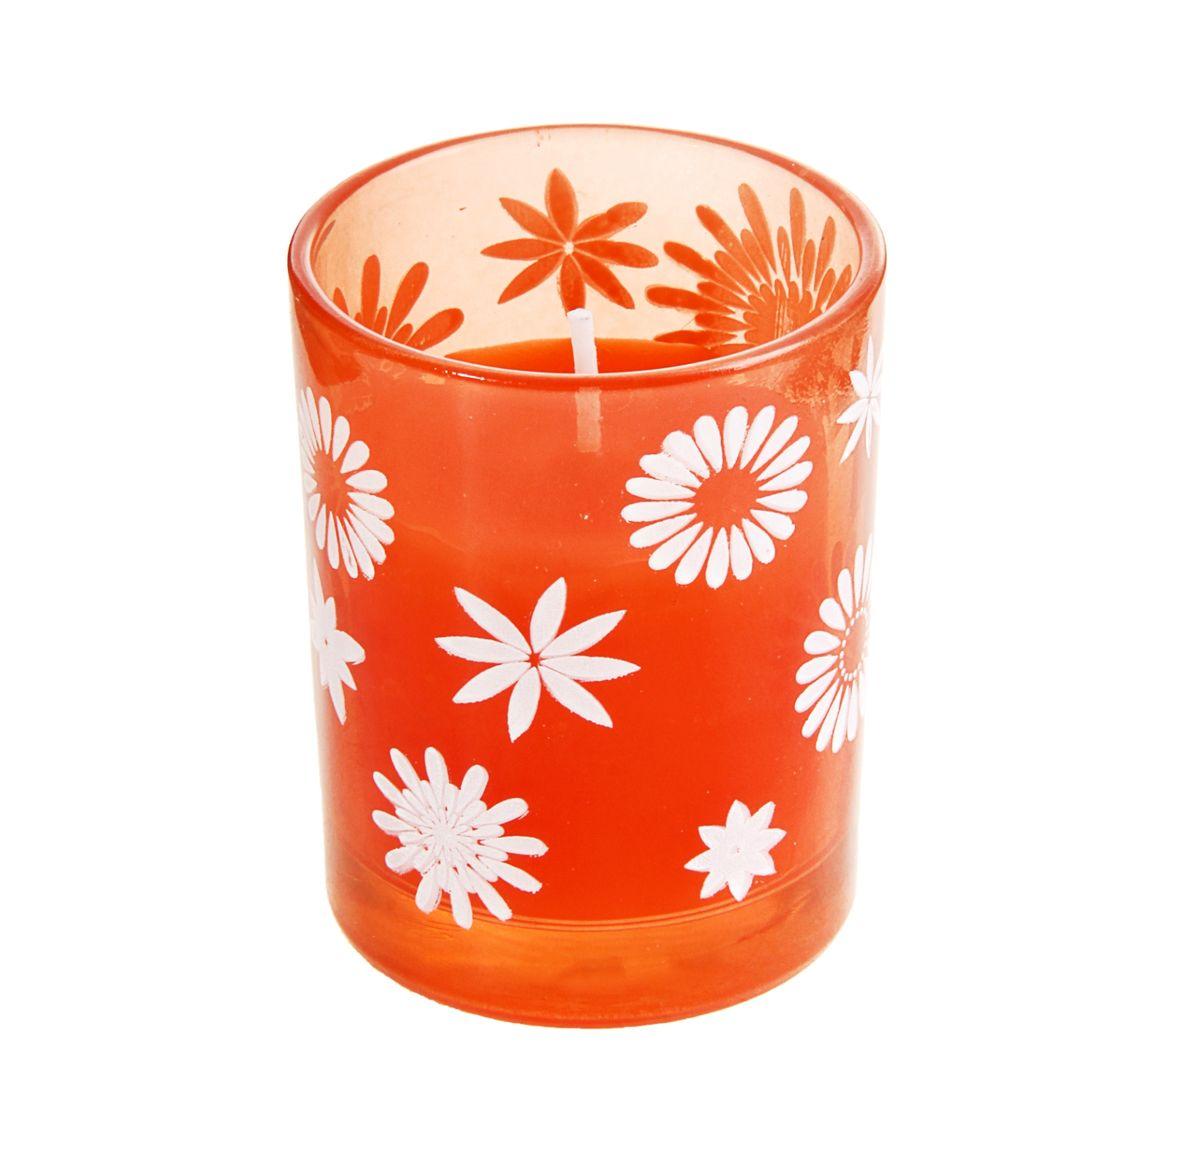 Свеча Sima-land Цветочки, цвет: оранжевый, белый, высота 6 см167183Свеча Sima-land Цветочки изготовлена из воска и поставляется в подсвечнике в виде стеклянного стакана, оформленного изображениями цветов. Изделие отличается оригинальным дизайном и изяществом. Такая свеча может стать отличным подарком или дополнить интерьер вашей комнаты.